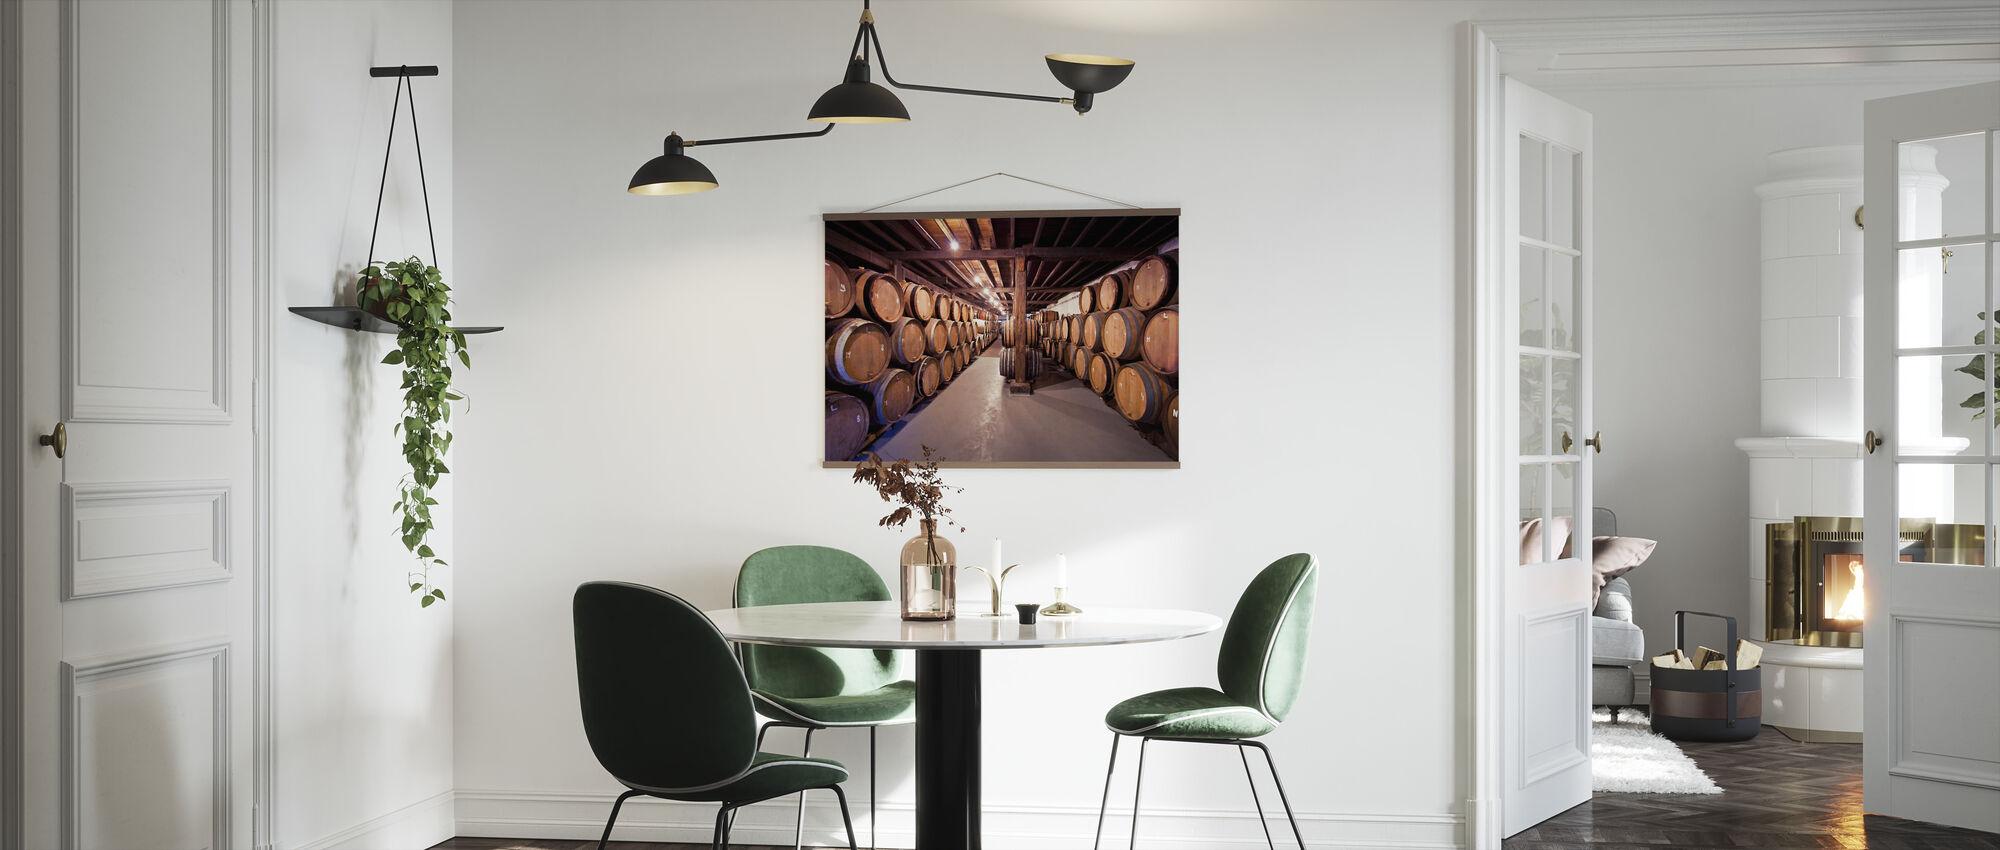 Old Wine Barrels - Poster - Kitchen